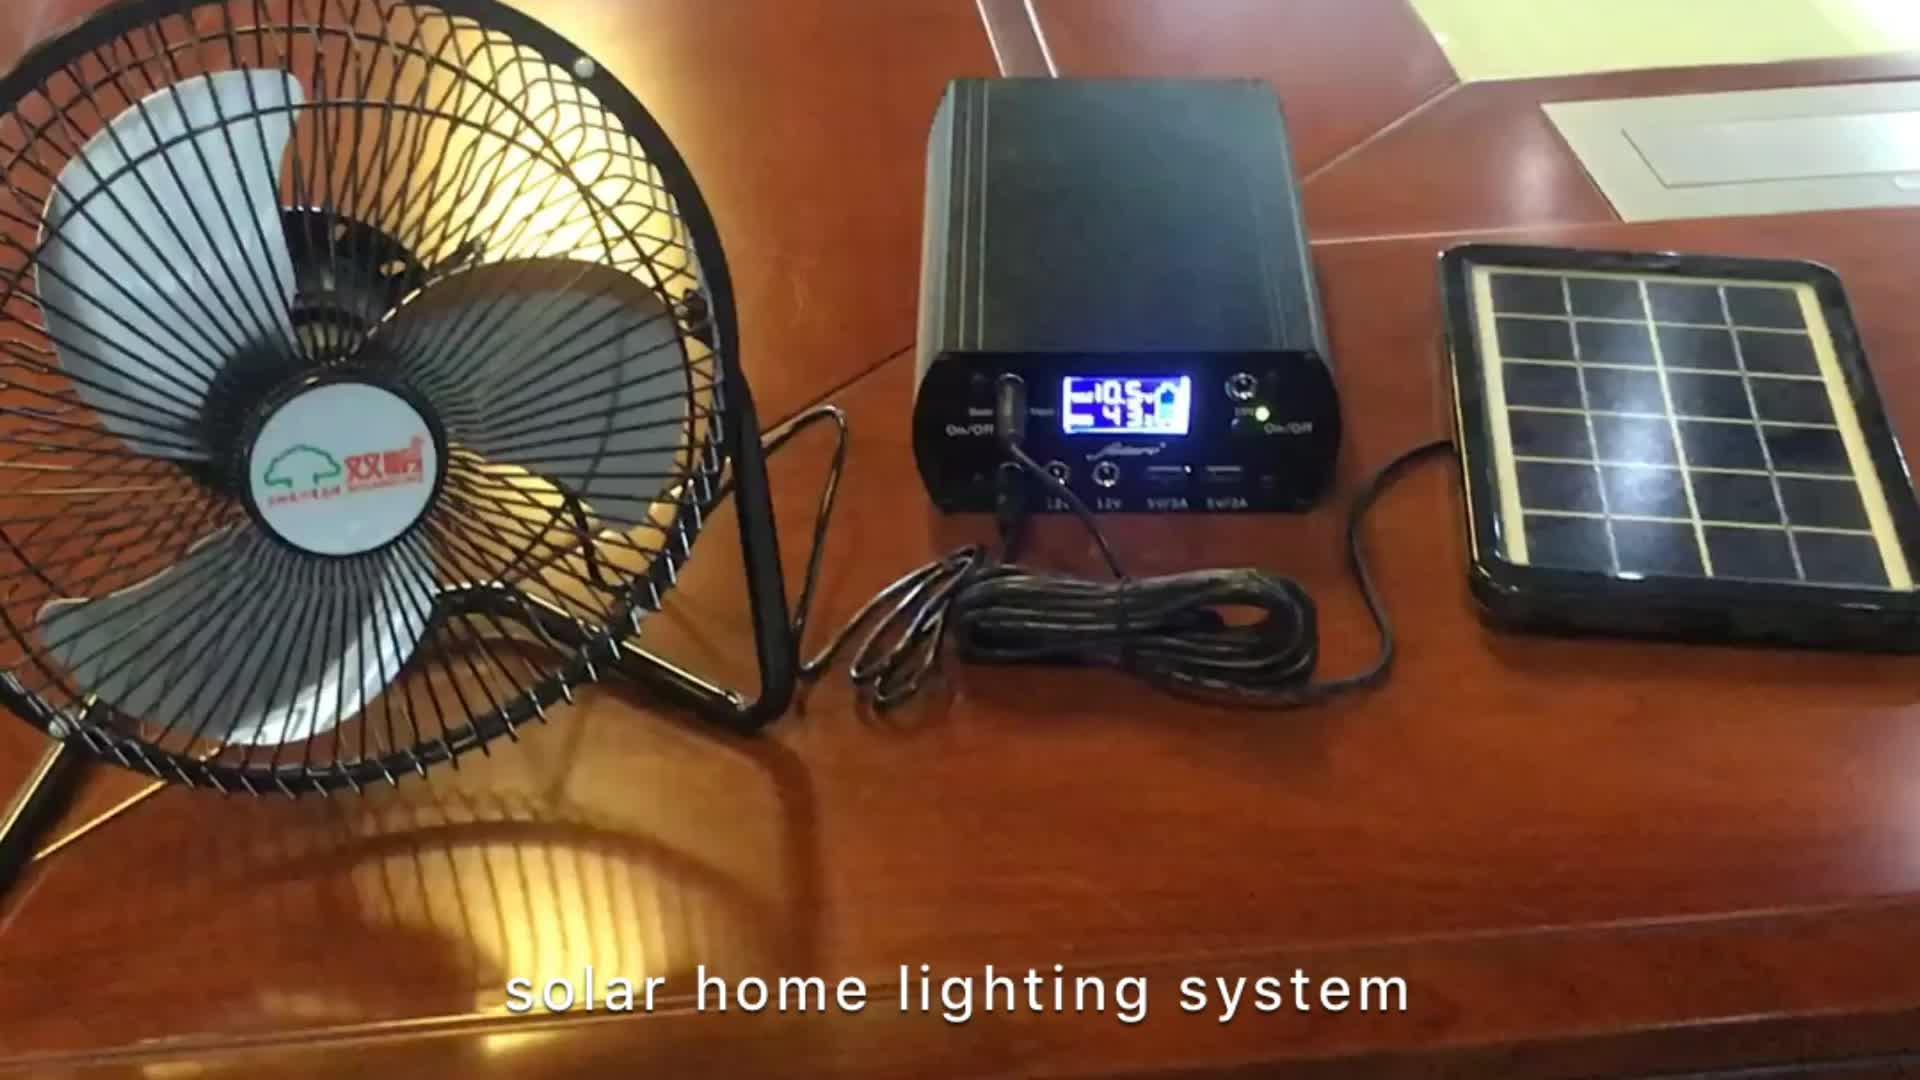 18650 リチウムイオン電池 12v 10ah 20ah 30ah 40ah 充電式ソーラーリチウムバッテリー 200ah